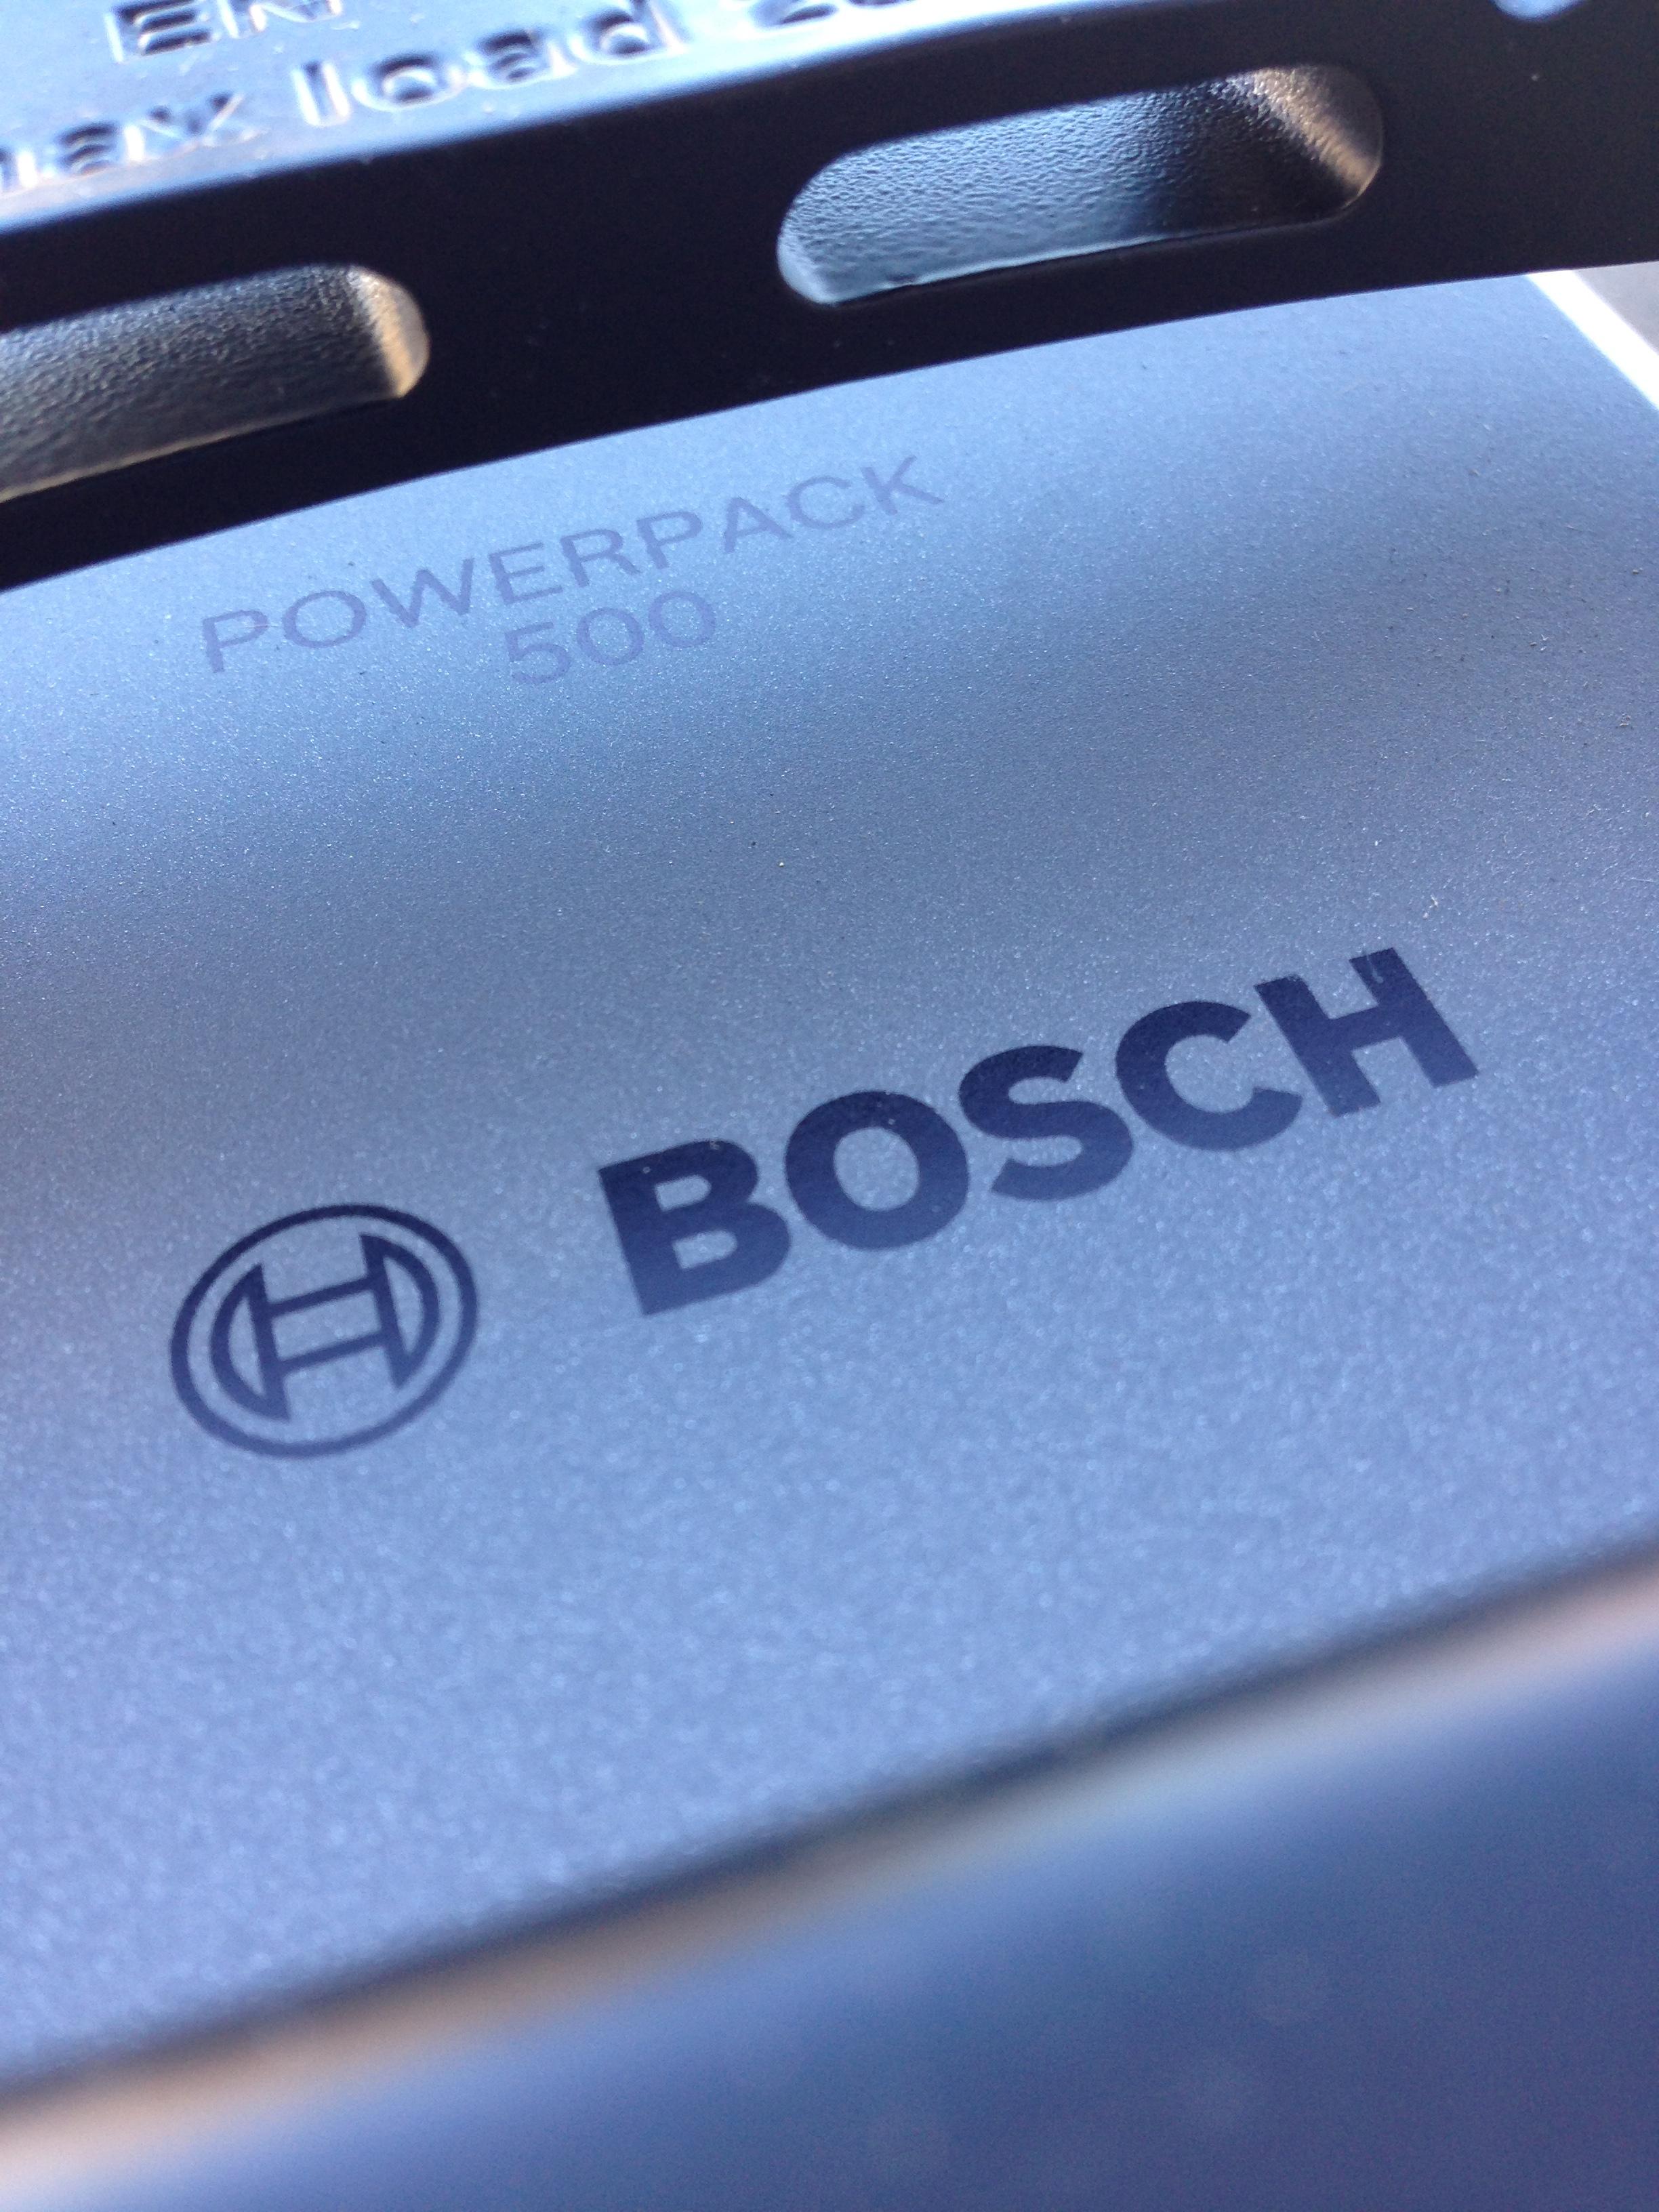 Batterie Powerpack 500Wh Bosch